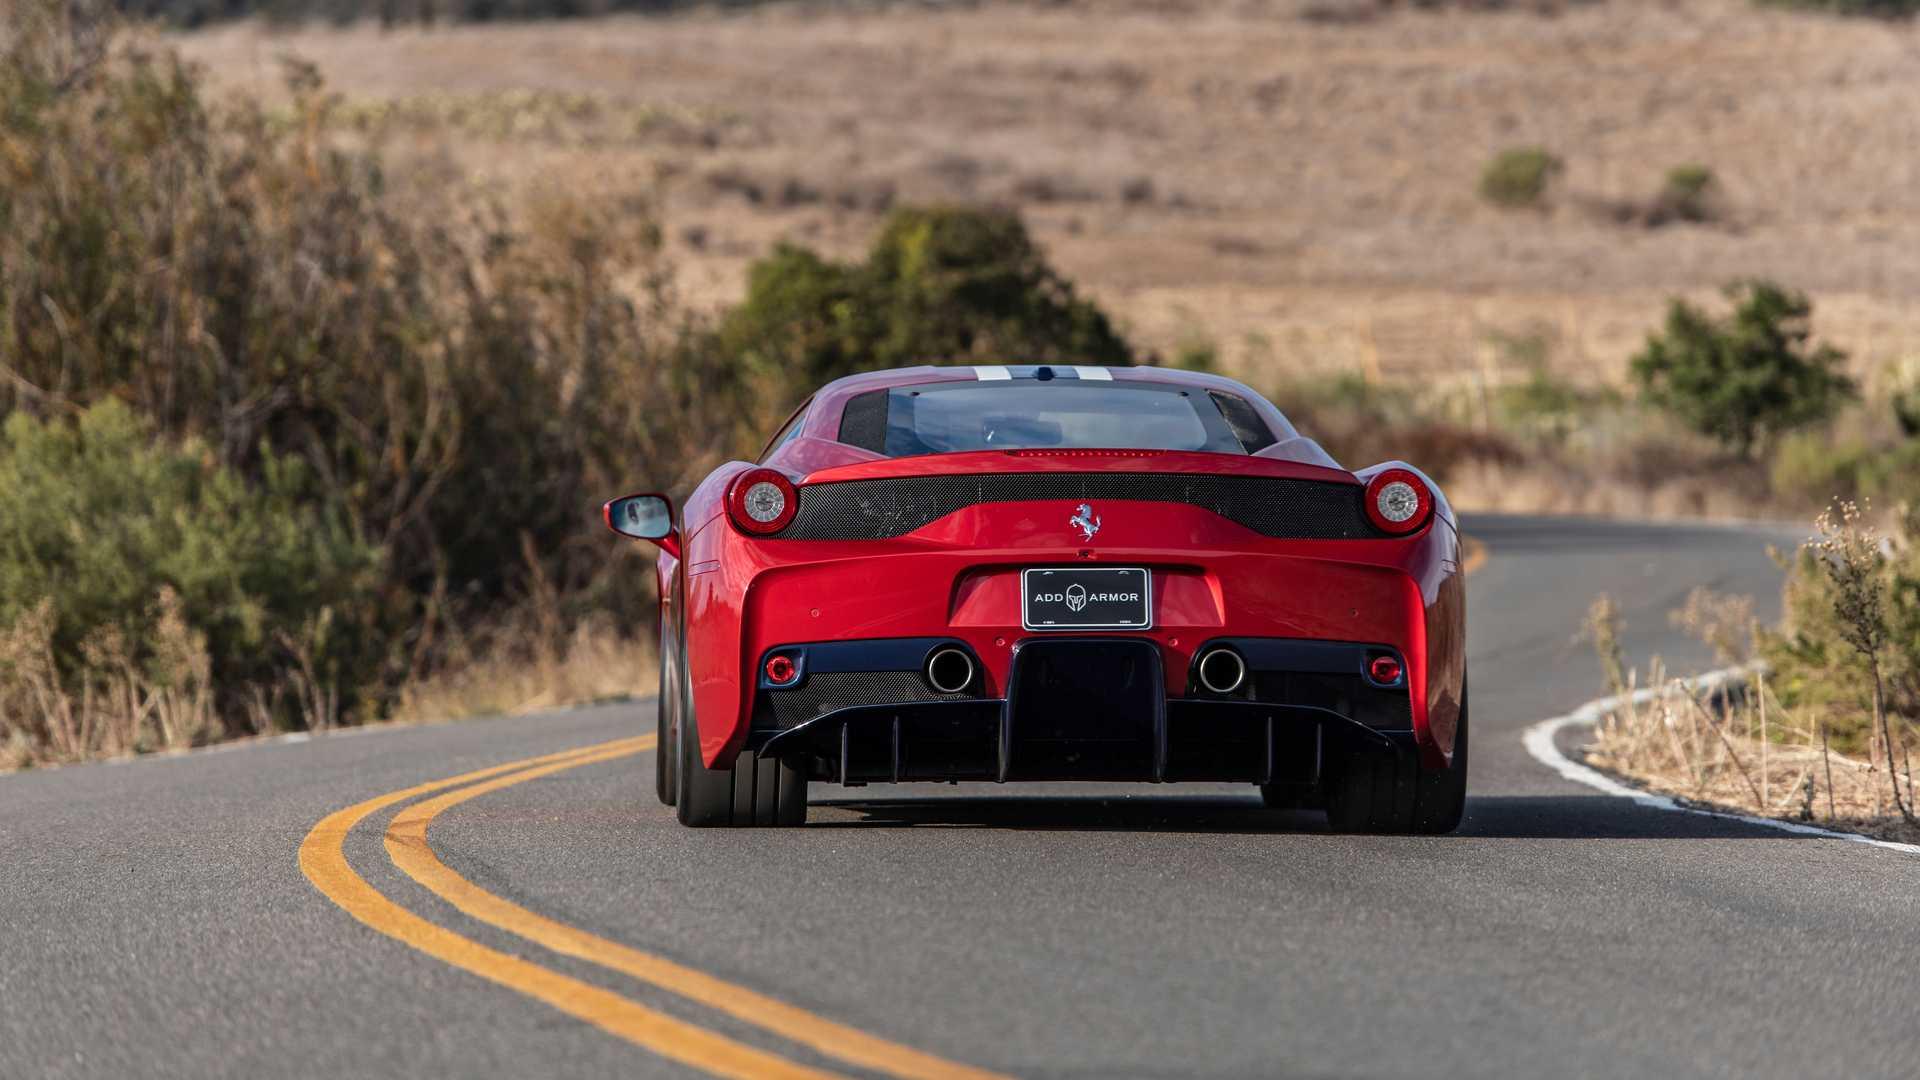 Bulletproof Ferrari 458 Speciale By AddArmor Rear View